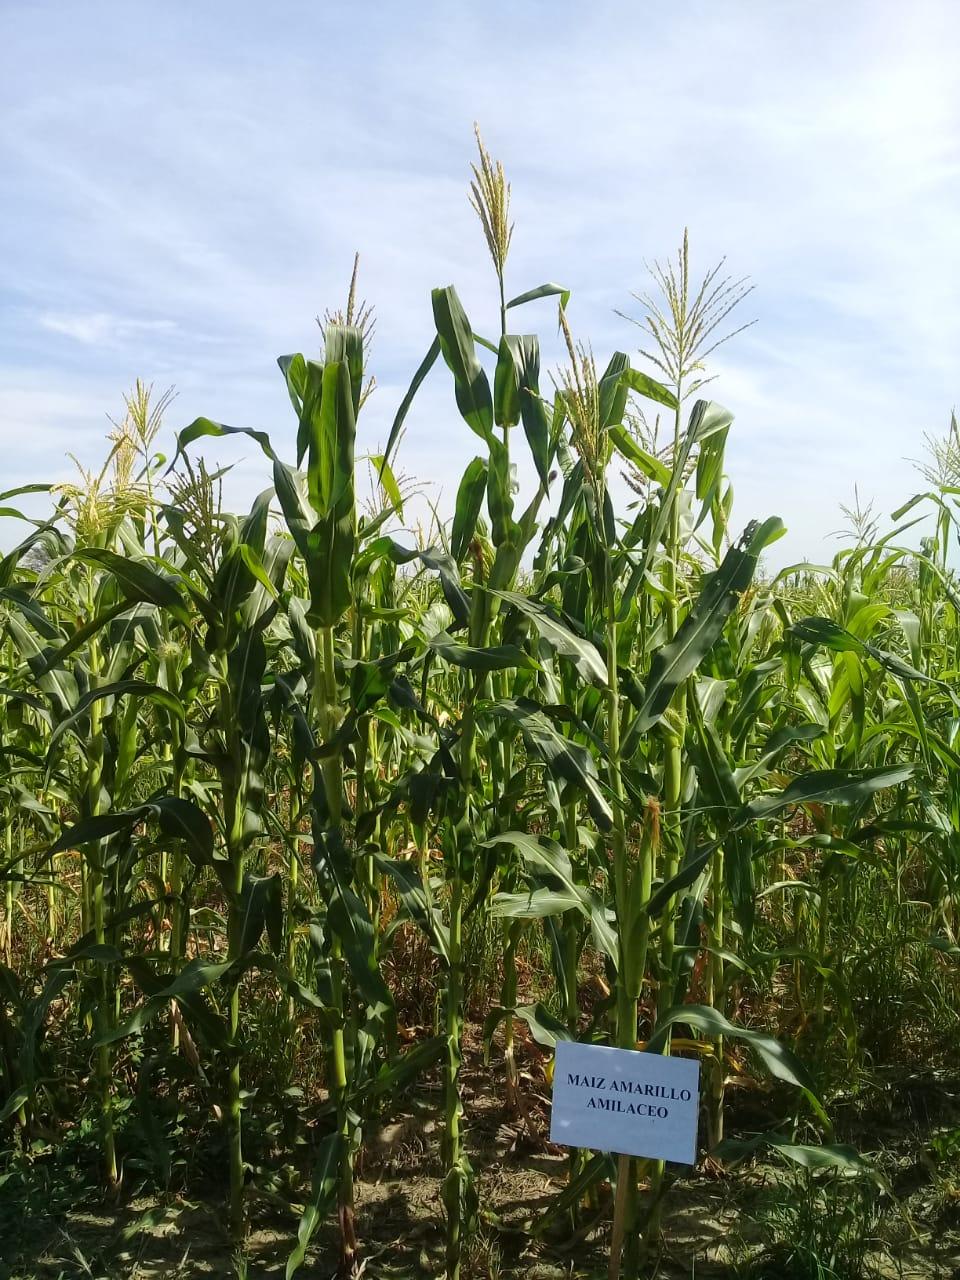 maíz Avatí Sa'yju